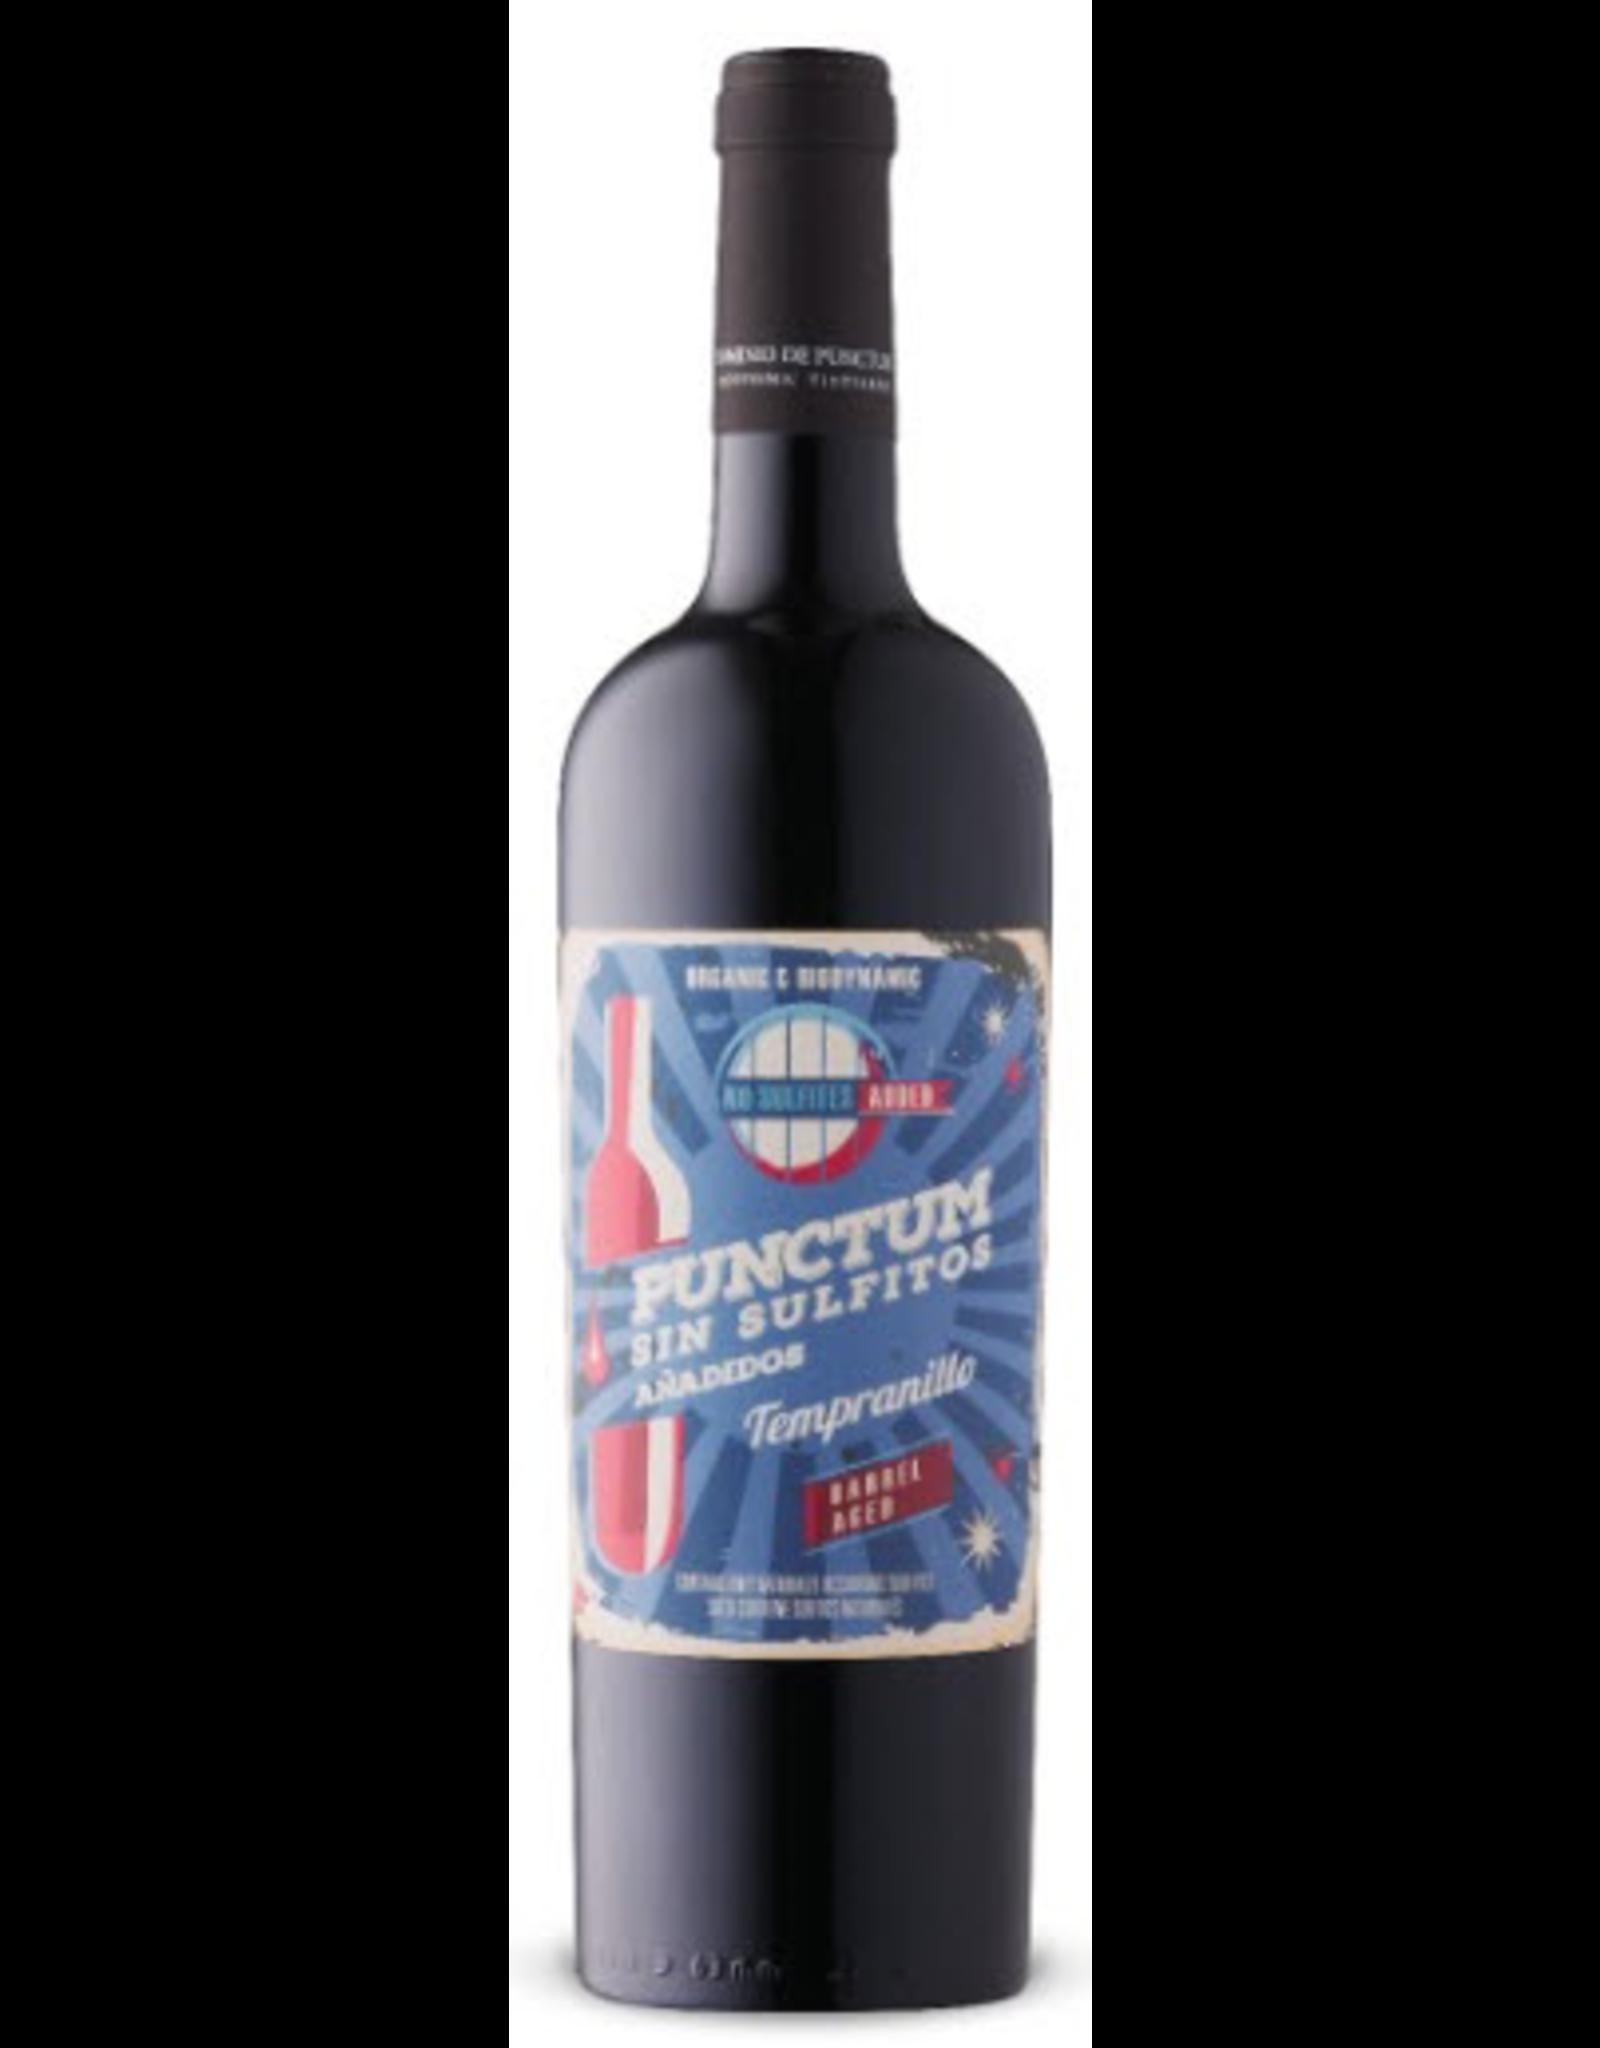 Red Wine 2018, Dominio de Punctum Low Sulfite Barrel Aged Organic & Biodynamic, Tempranillo, Las Pedroñeras, La Mancha, Spain, 13.5% Alc, CTnr